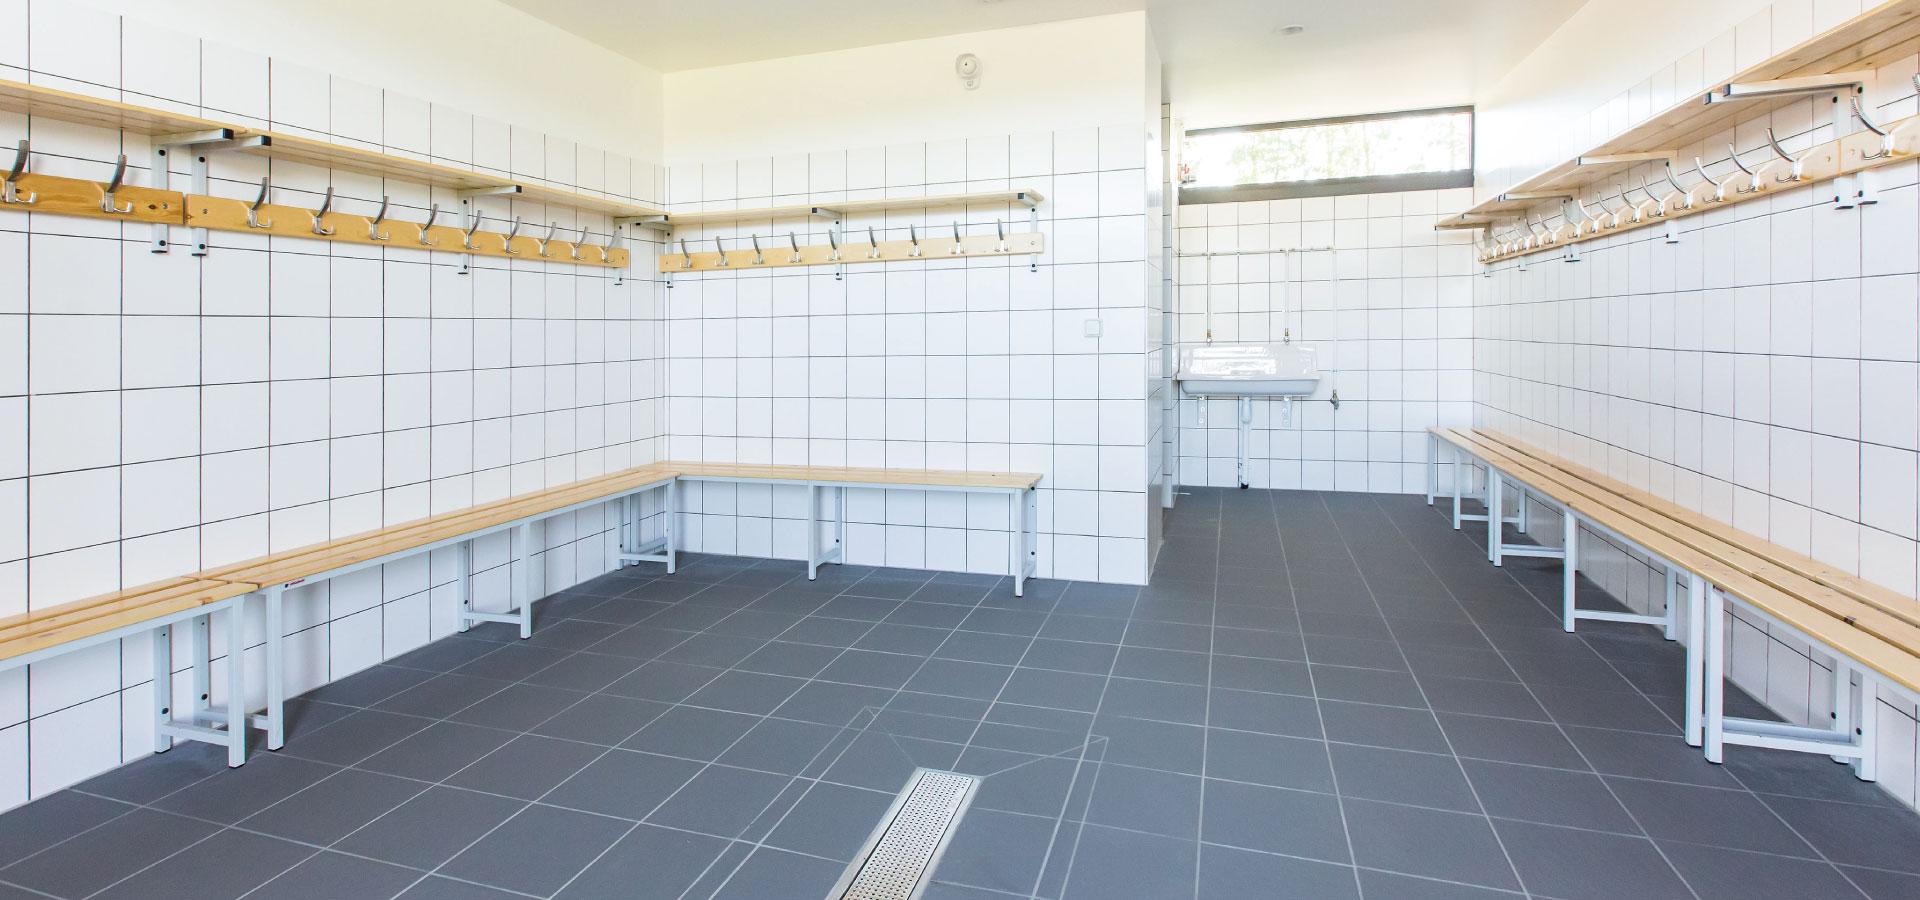 zubieta-constructions-renovation-vestiaire-maconnerie-saint-jean-de-luz-urrugne-ciboure